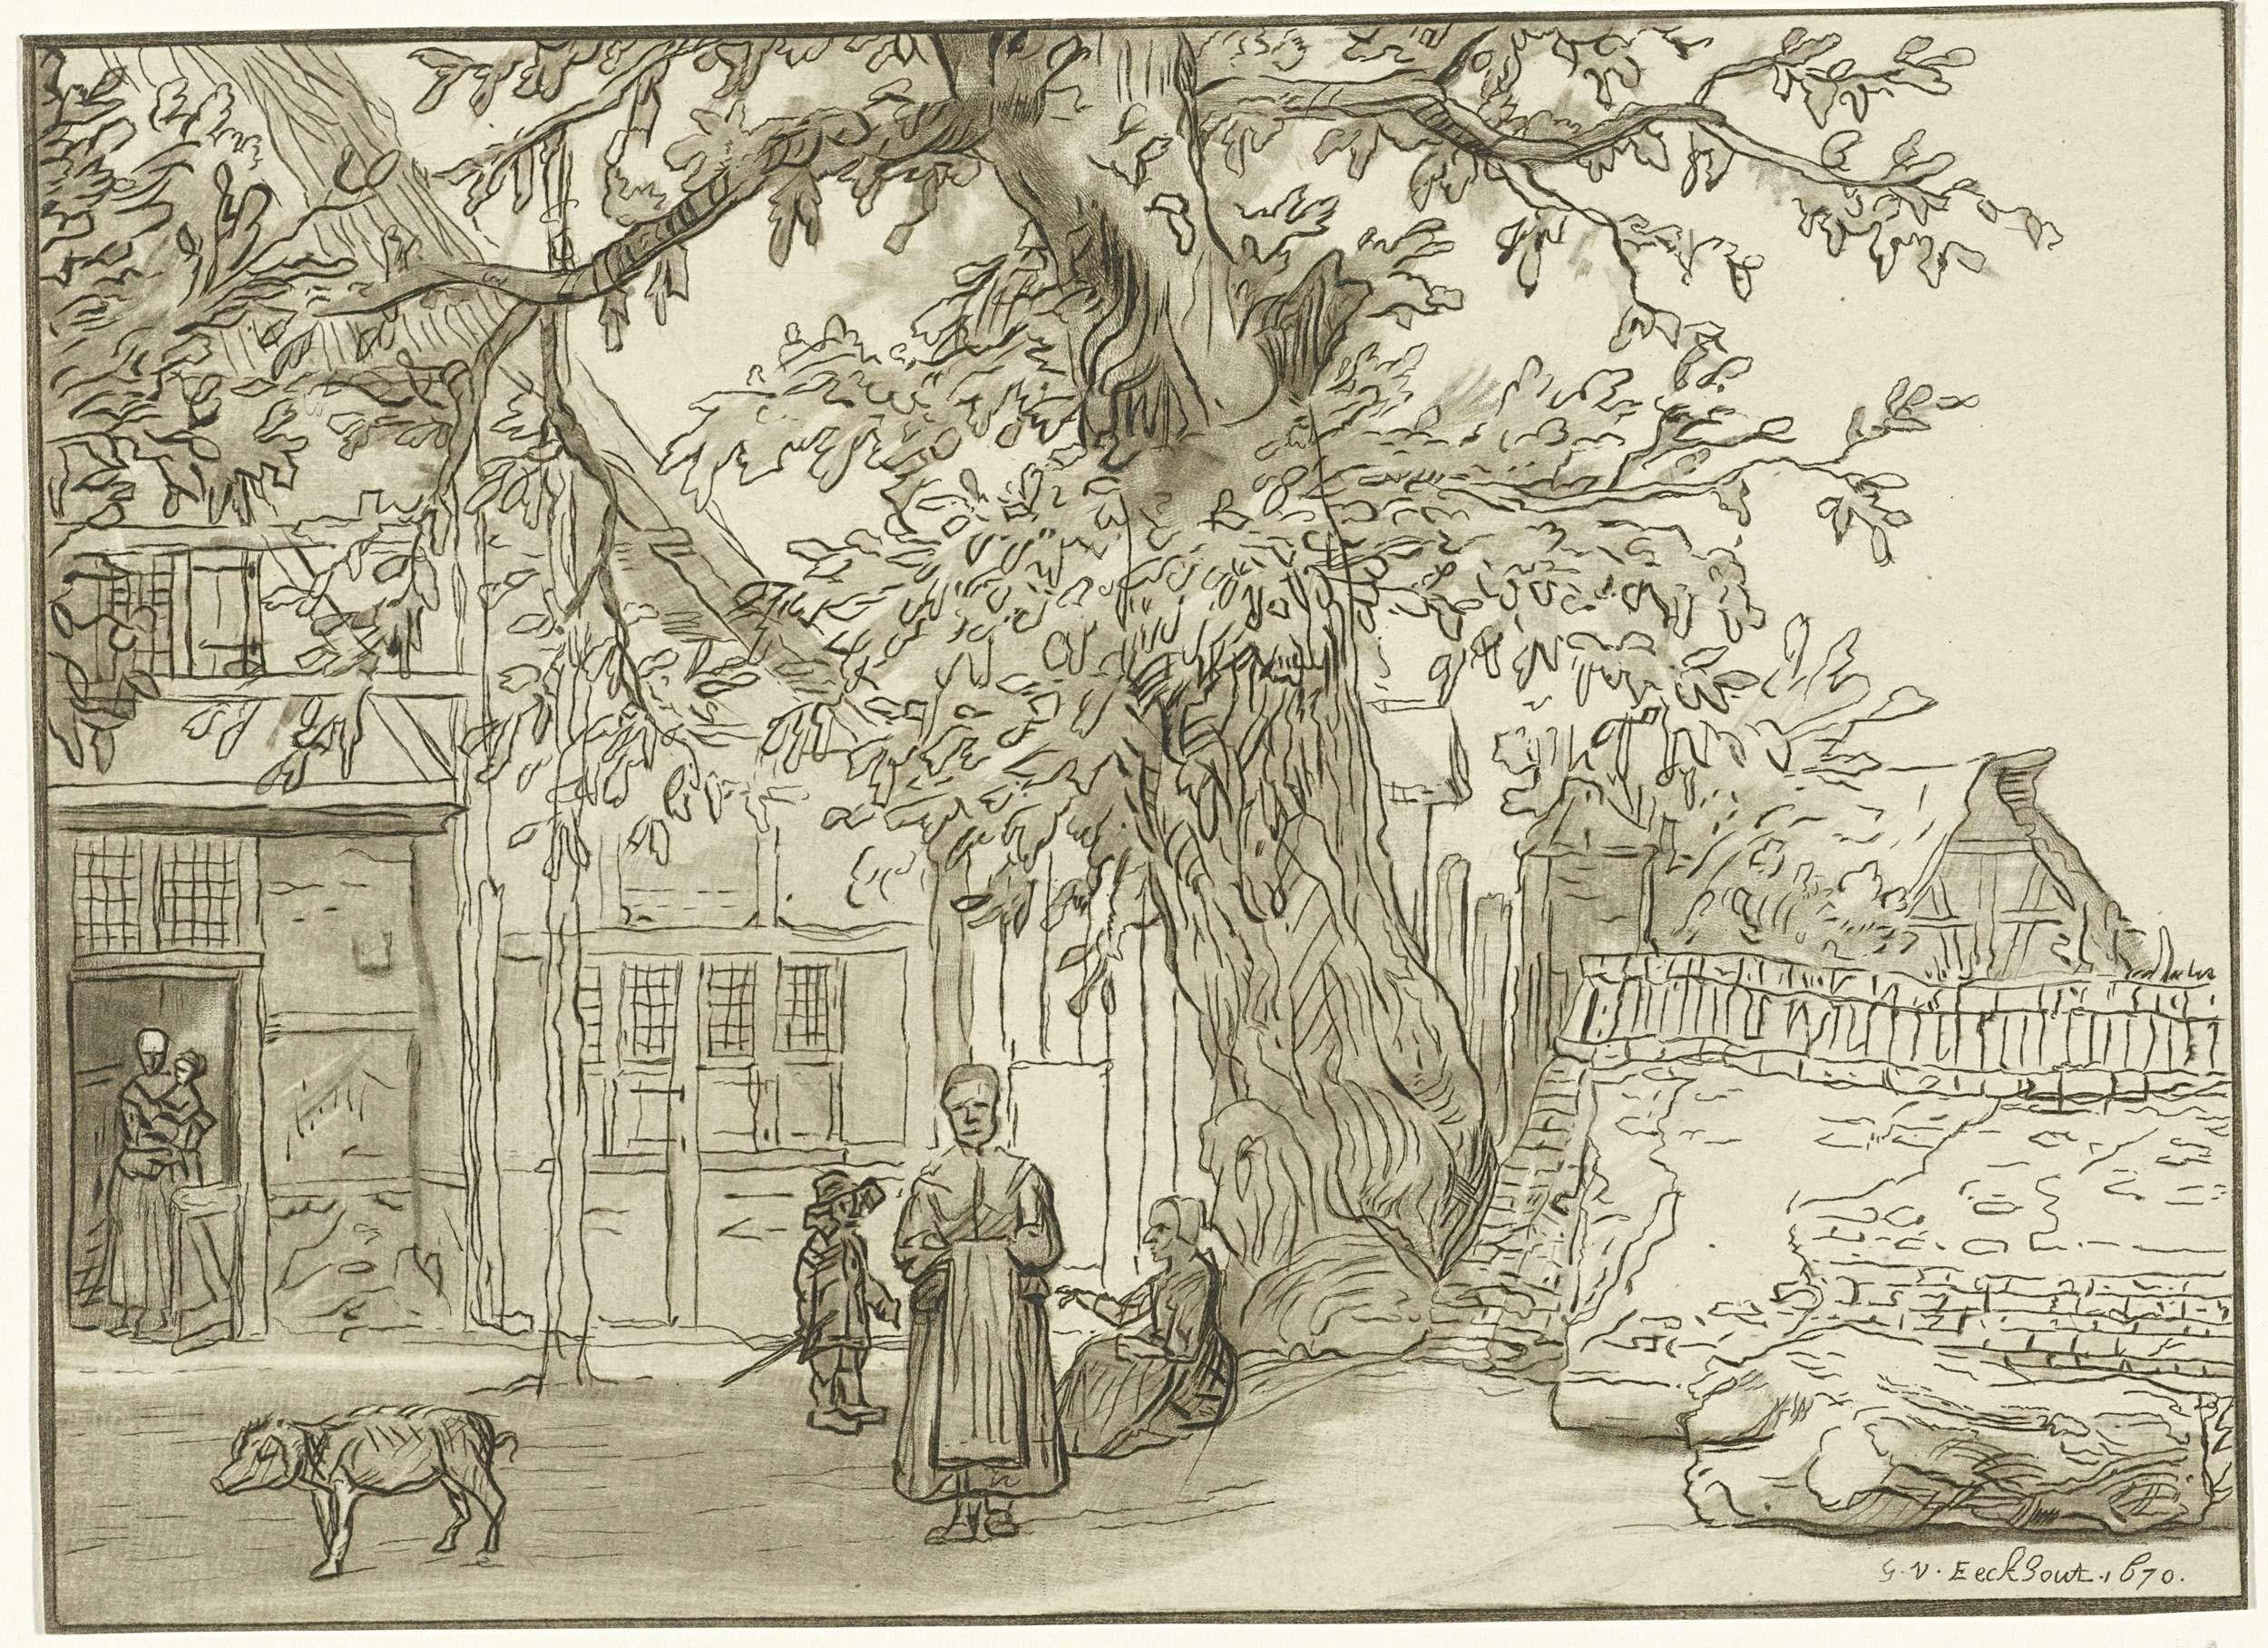 Cornelis Ploos van Amstel   Herberg te Anrath, Cornelis Ploos van Amstel, Lambert Doomer, 1759 - 1760   Herberg 'Zur blauen Hand am Kirchhof' te Anrath. In de deuropening een vrouw met kind op de arm. Naast de herberg een grote boom en enkele figuren daaronder. Links een varken.